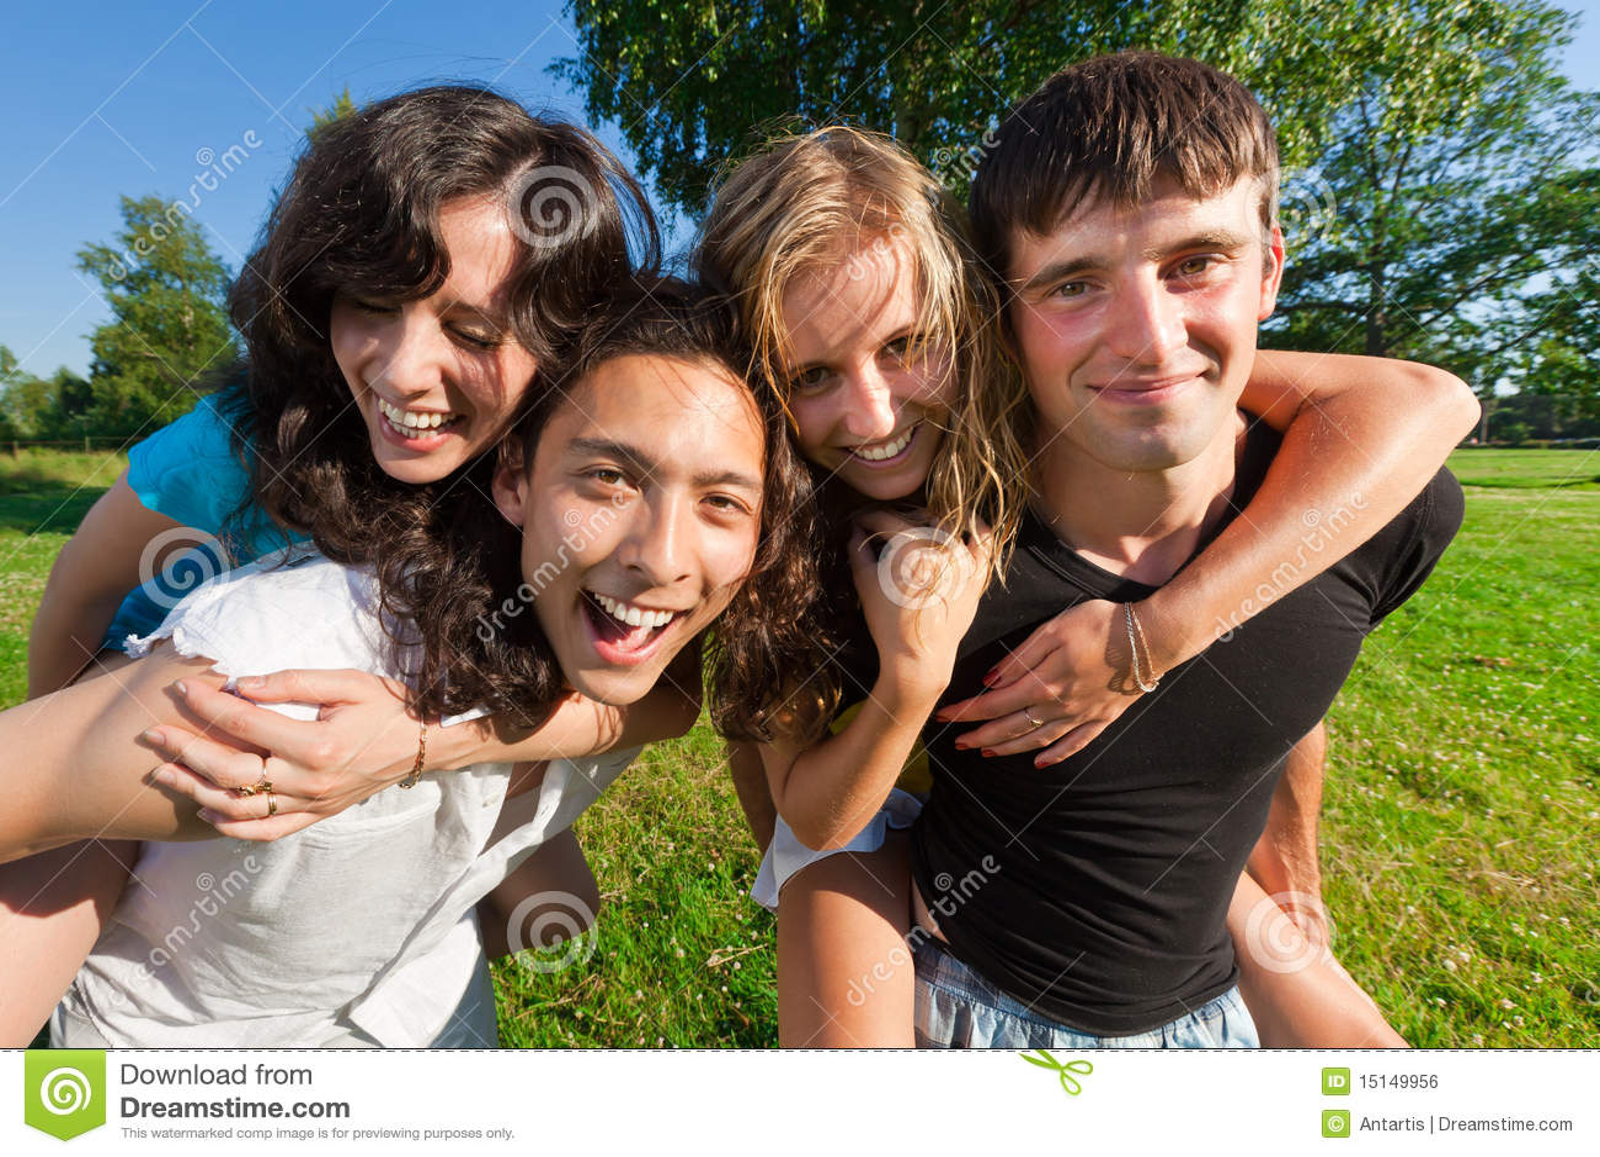 Фото девушек с молодым человеком 14 фотография